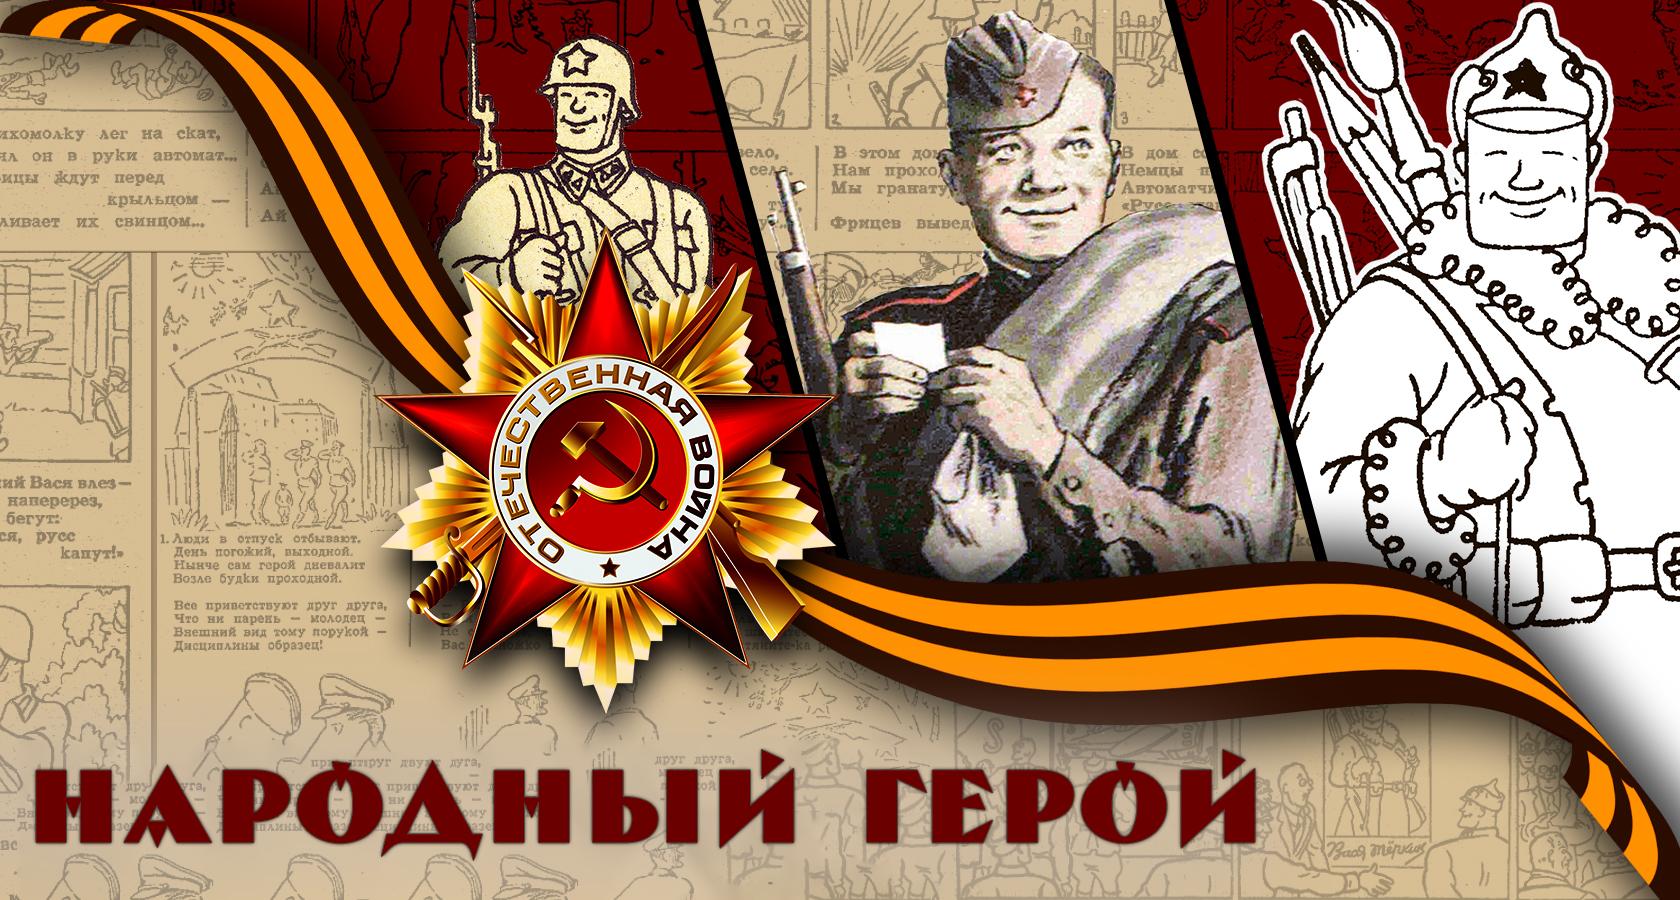 ВАСЯ ТЁРКИН